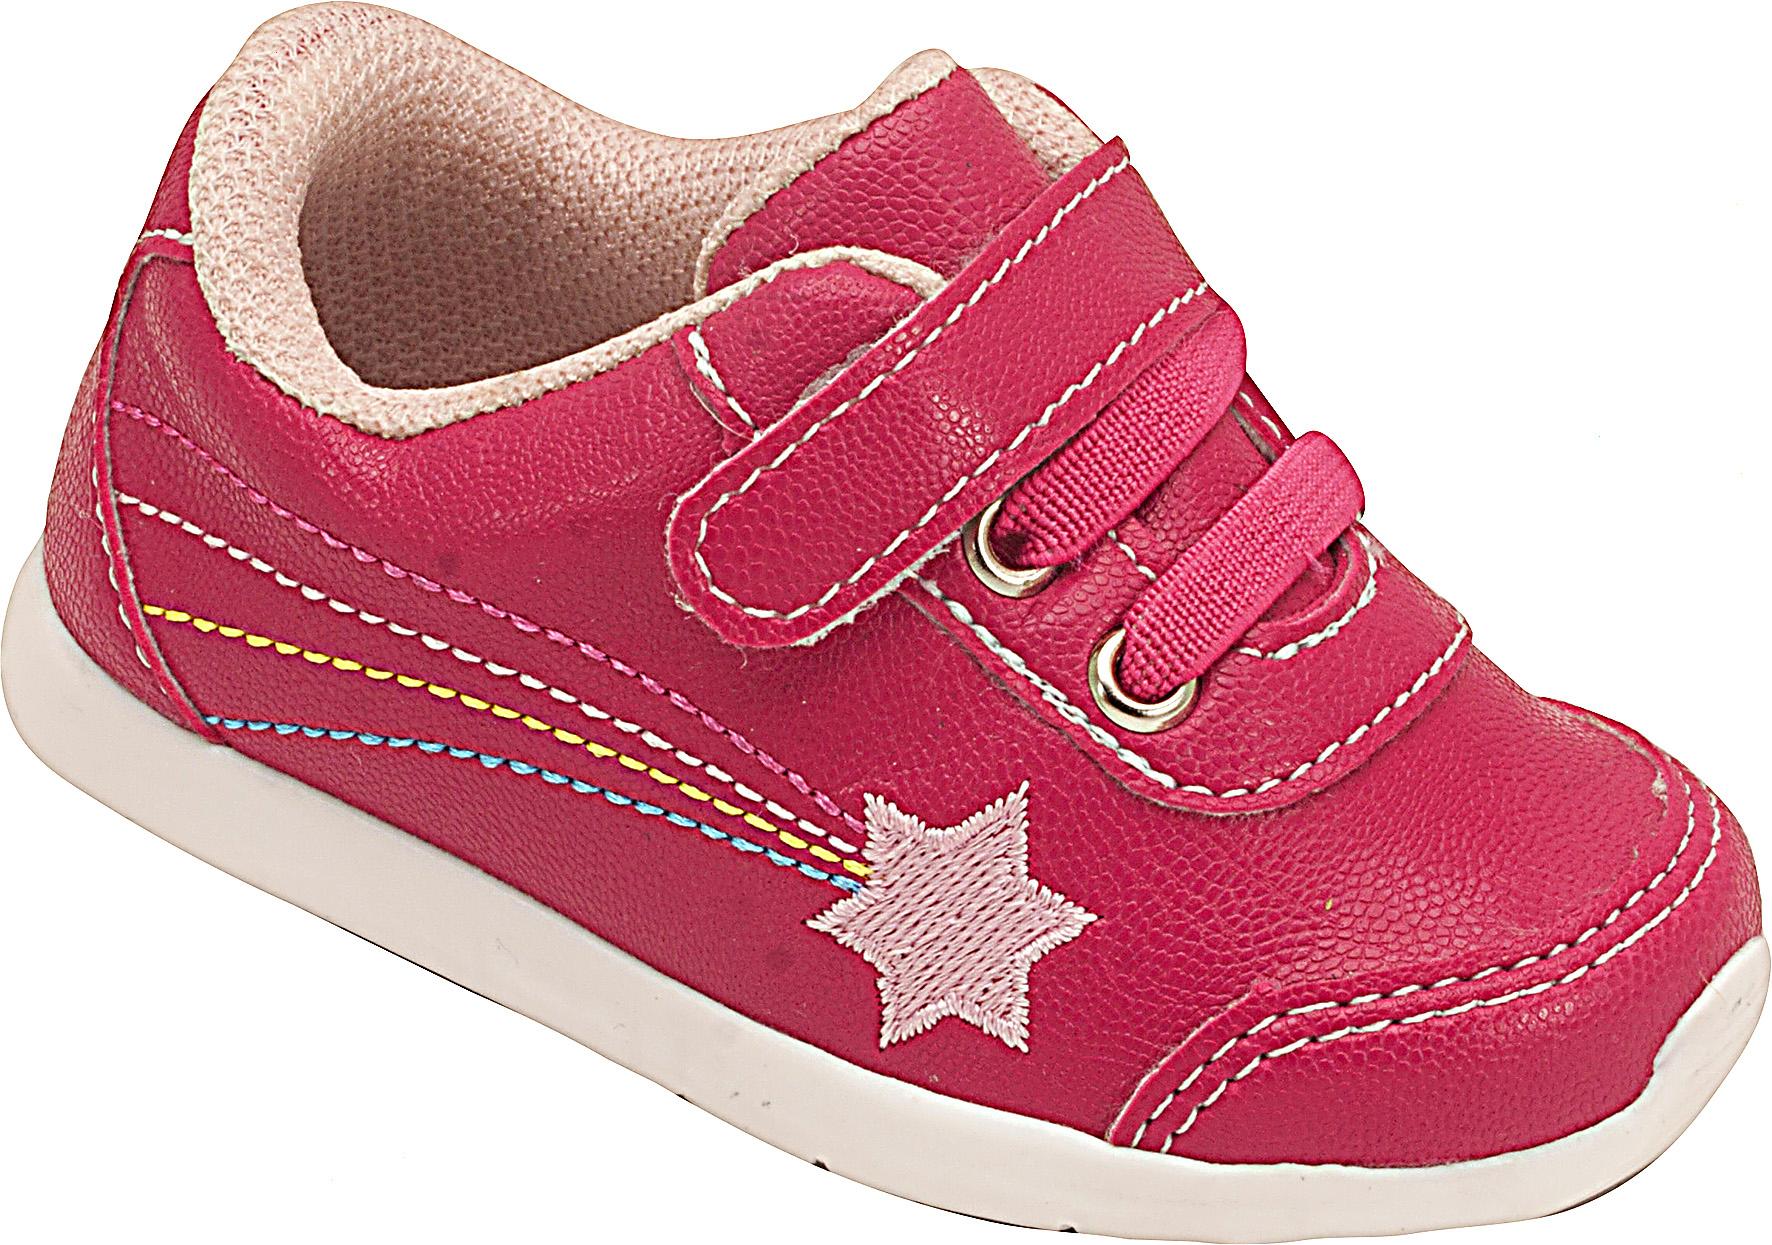 A2-20-12021 -Pink